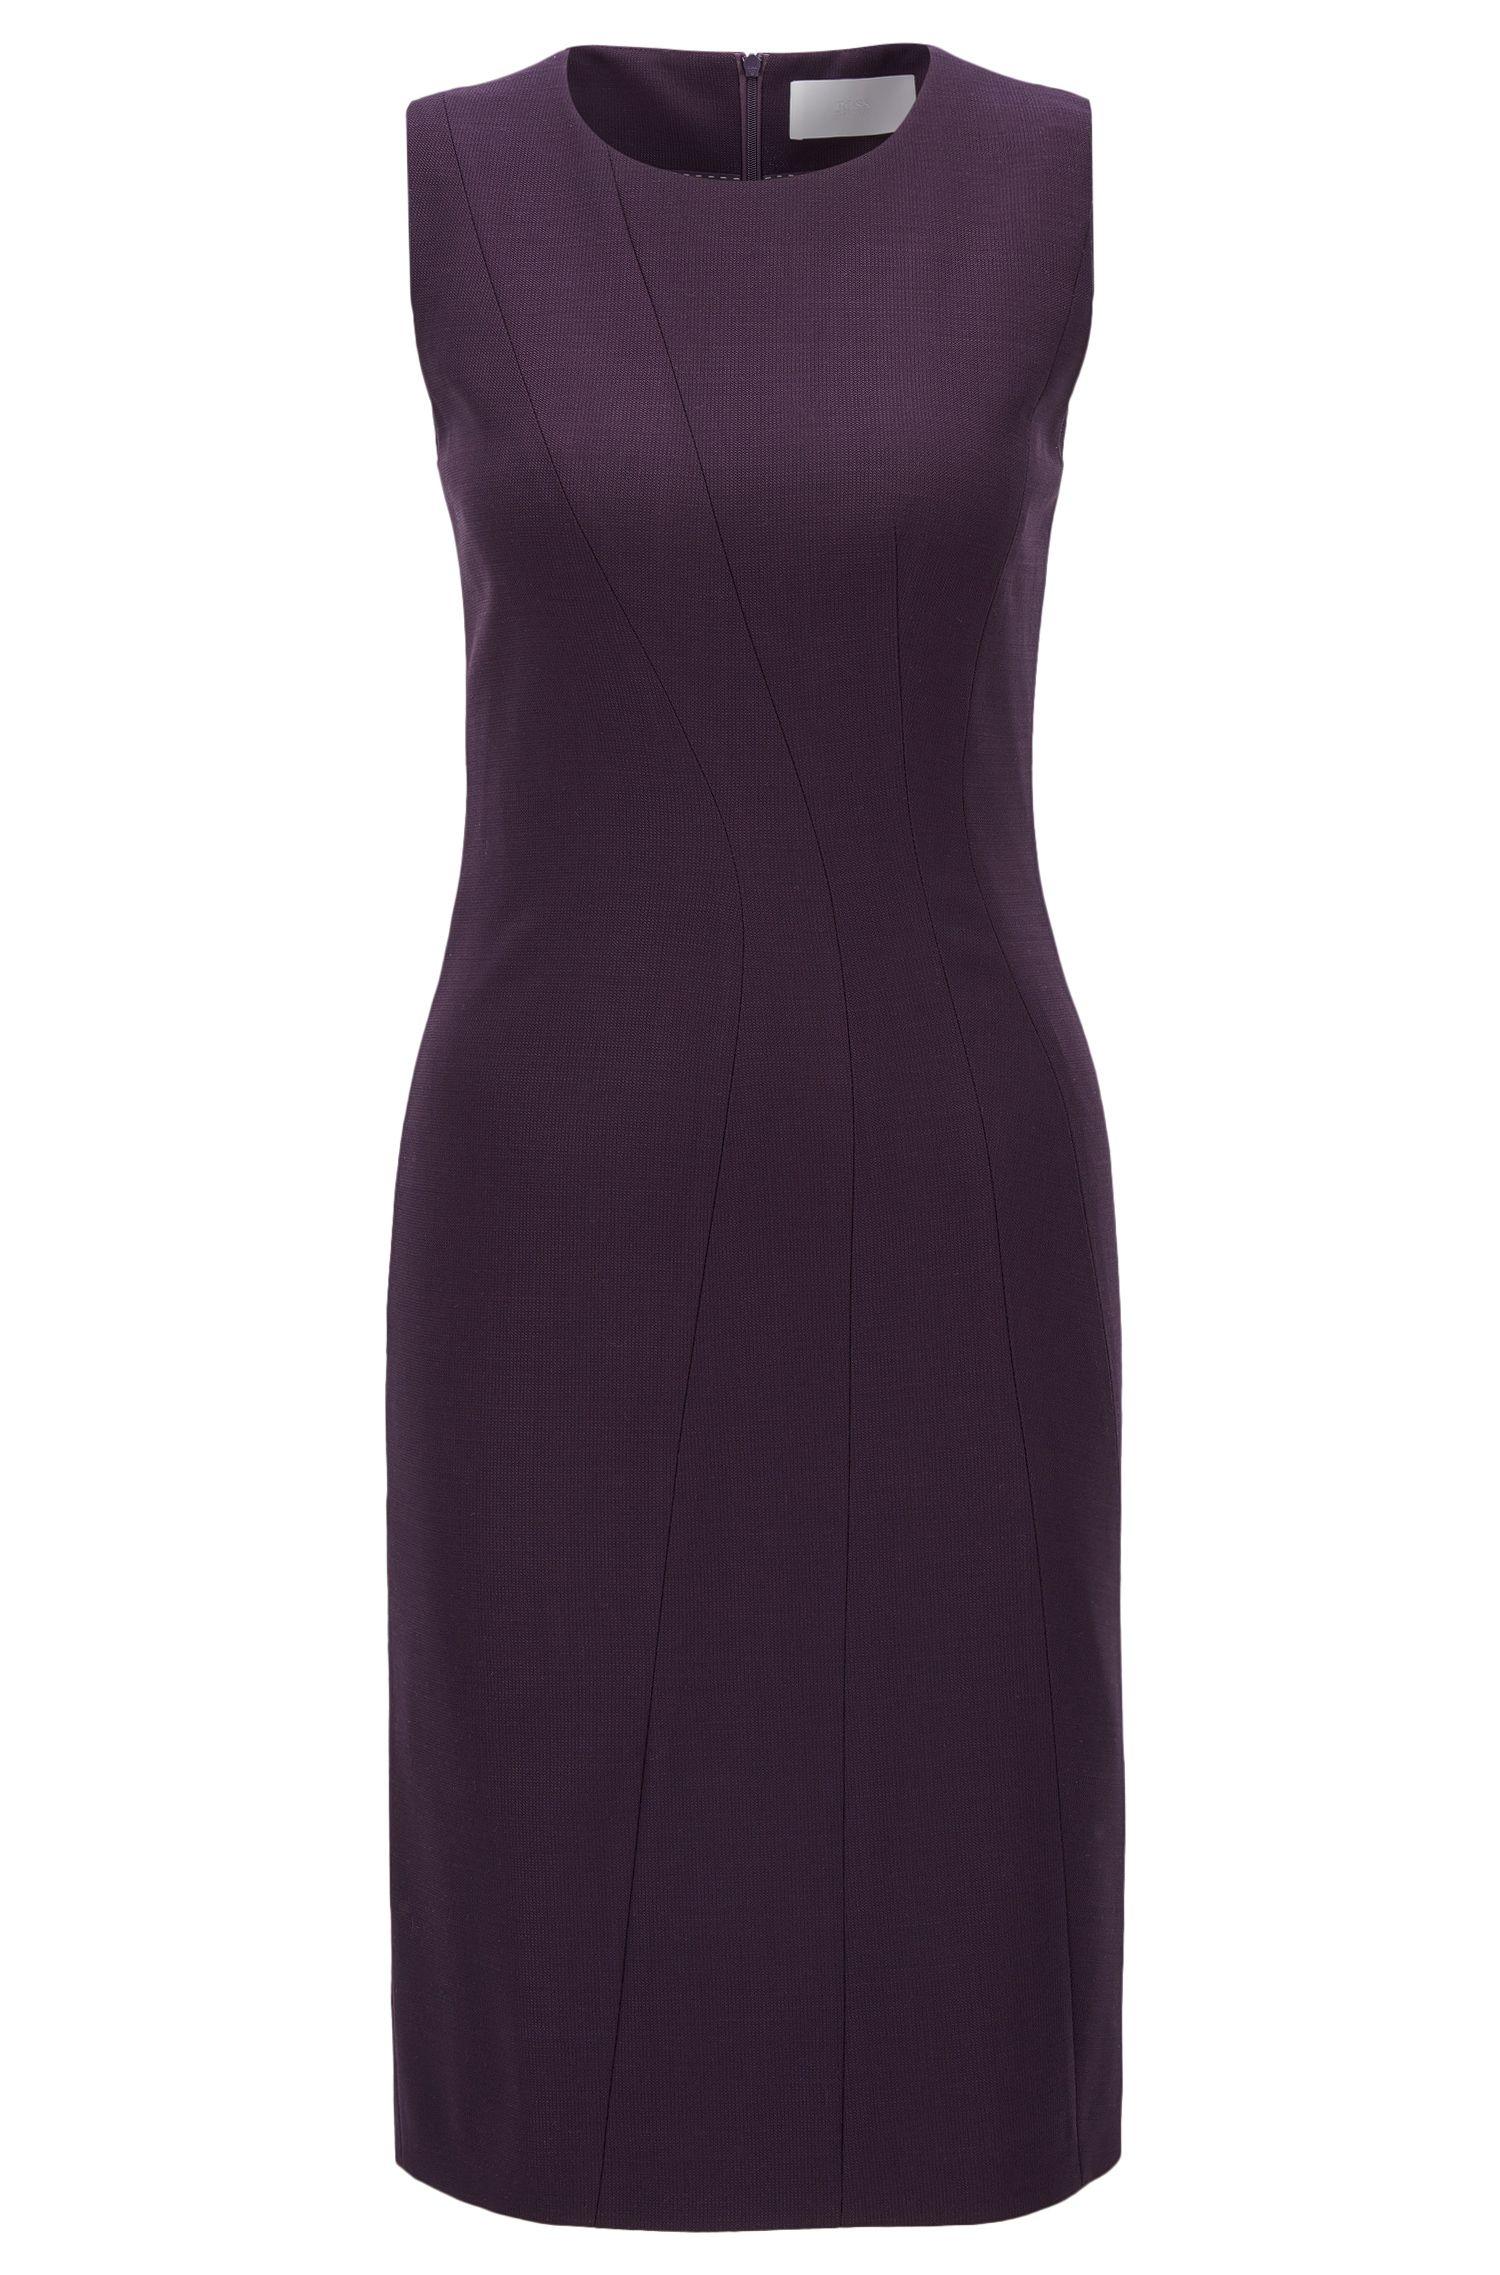 'Donalea' | Stretch Virgin Wool Sheath Dress